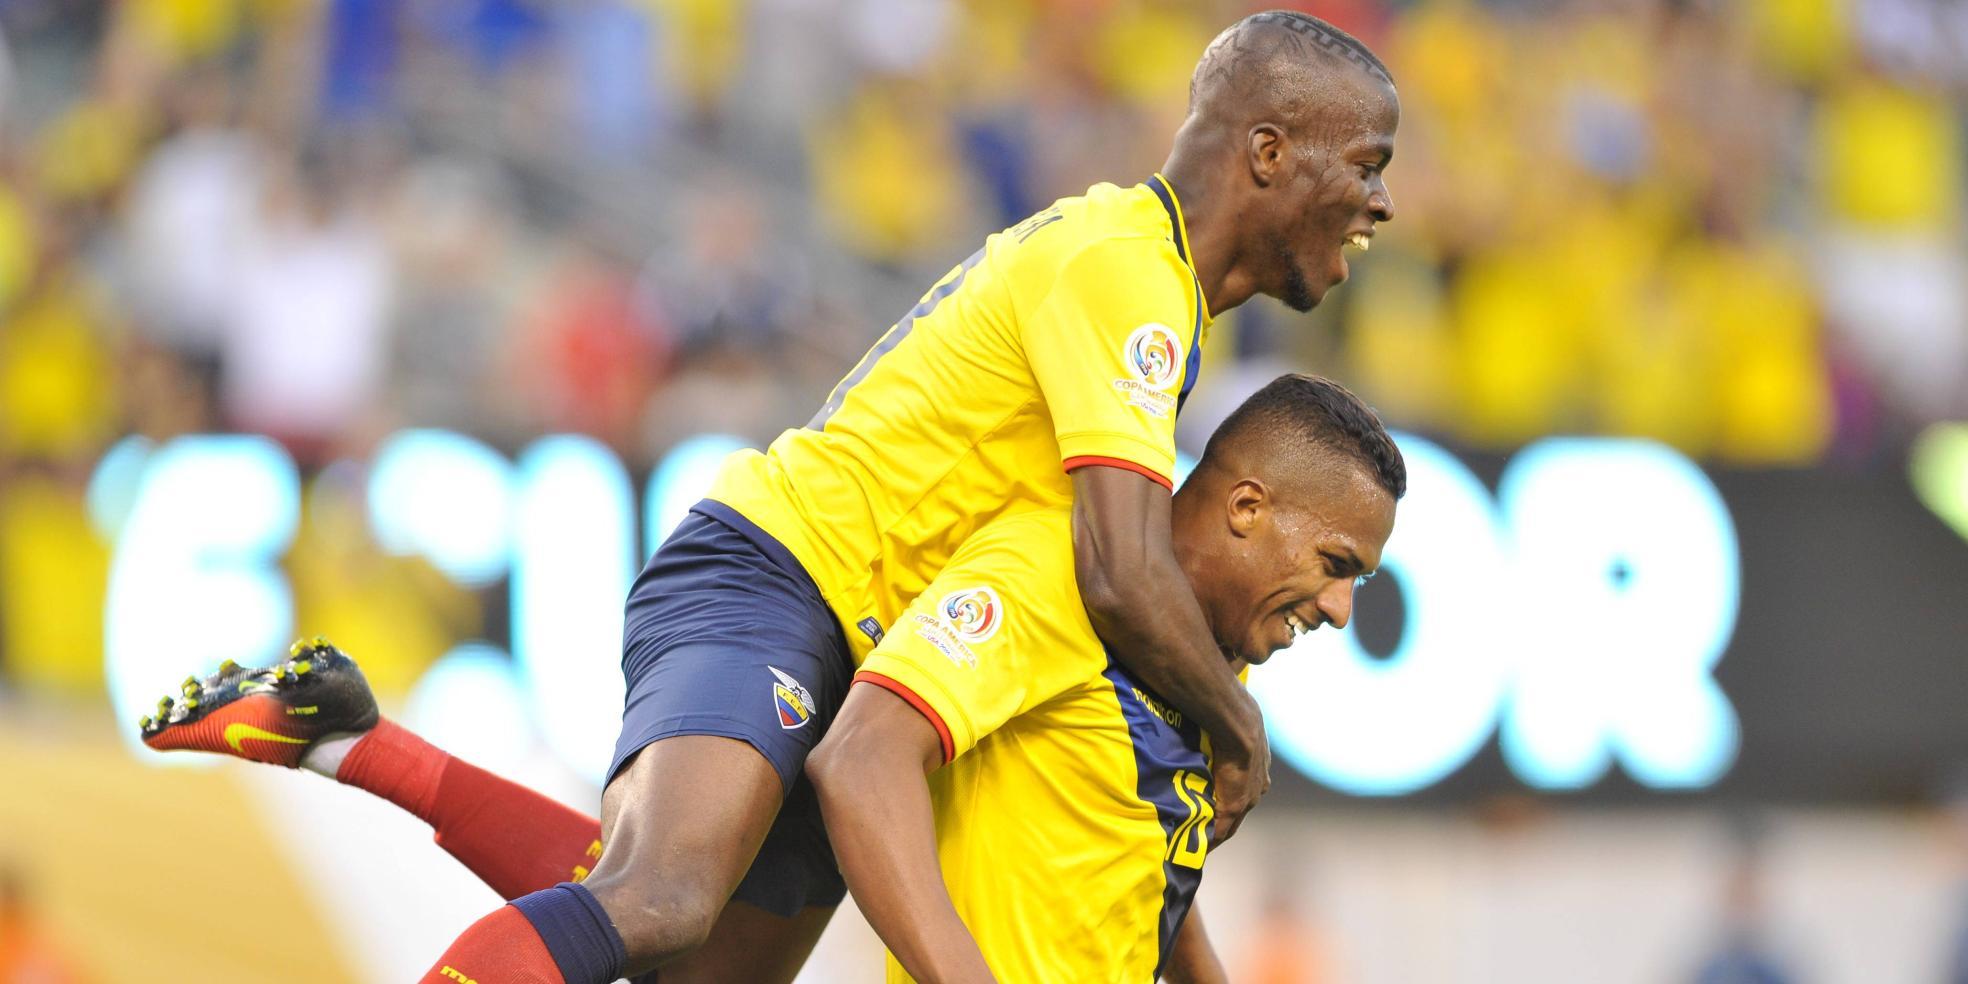 Antonio und Enner Valencia